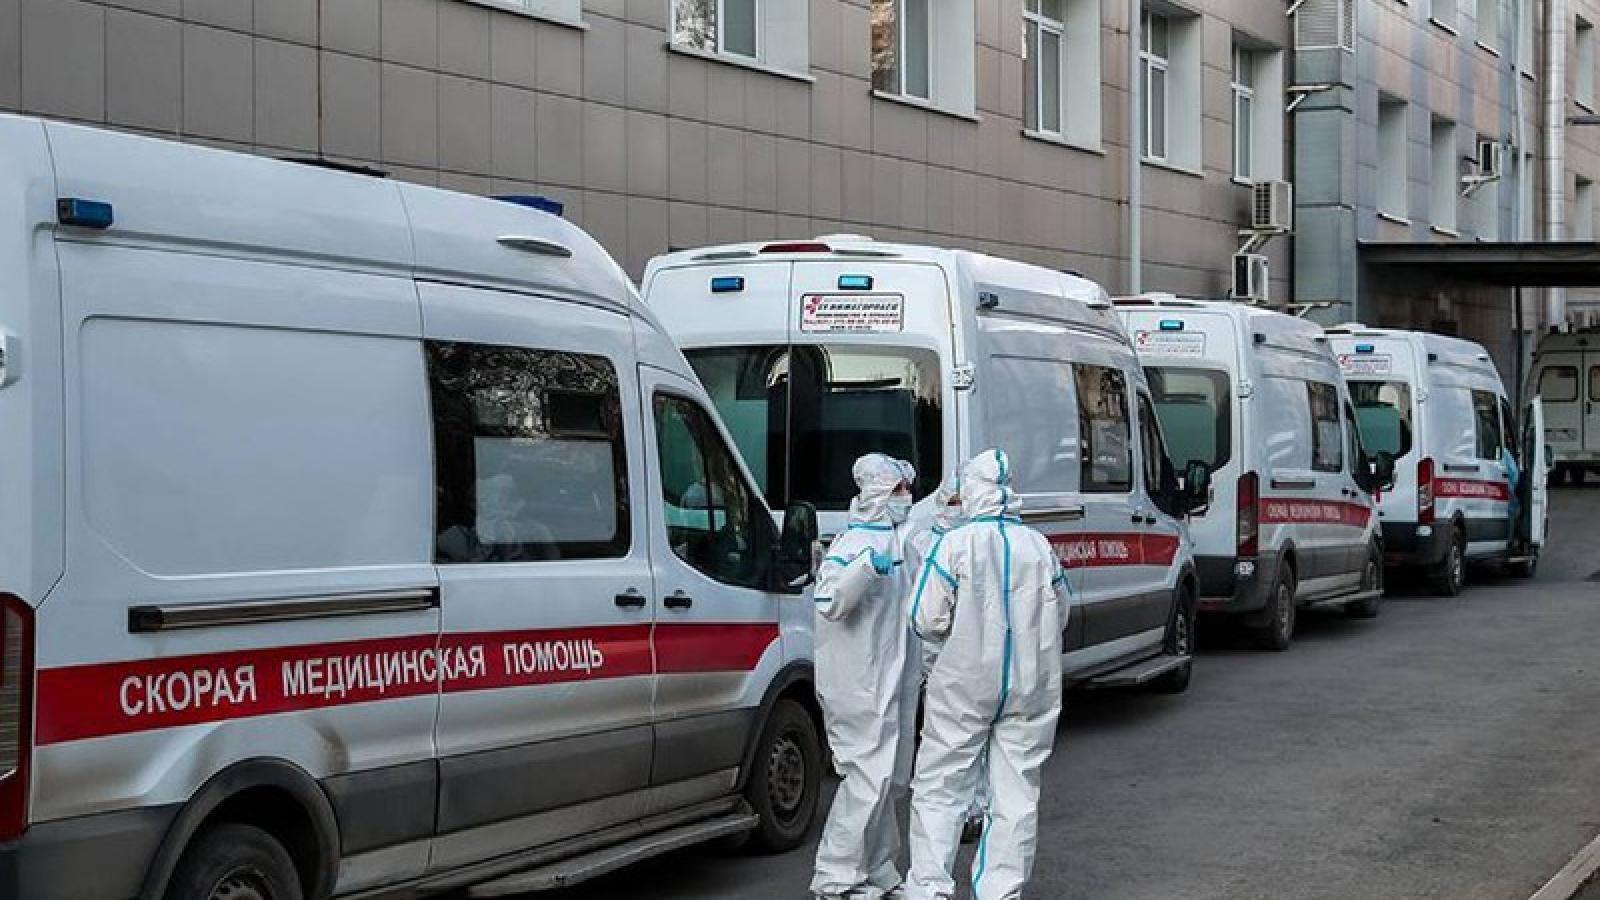 Nga ghi nhận hơn 177.000 ca mắc Covid-19, đứng thứ 5 thế giới